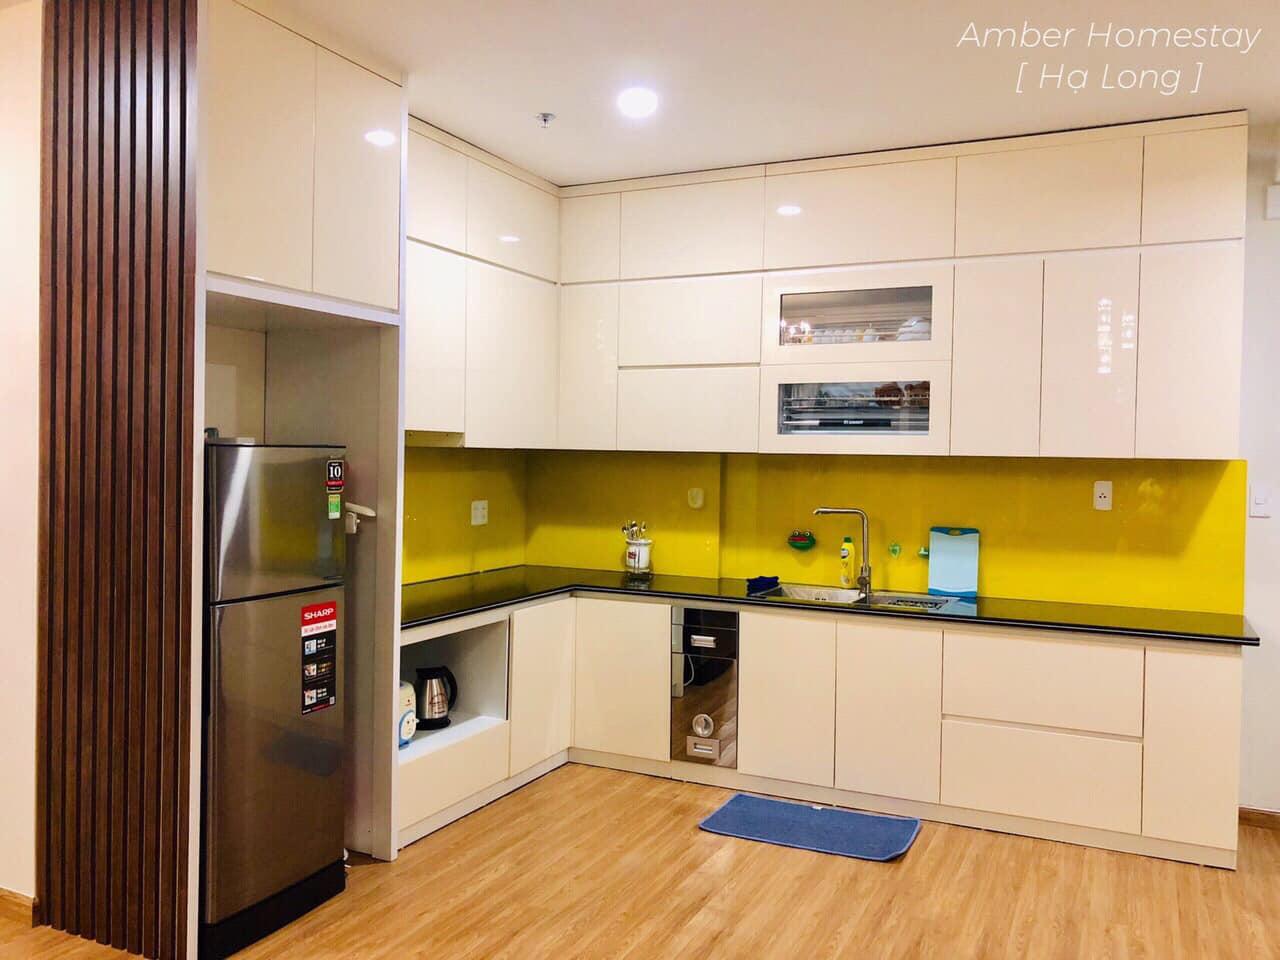 phòng bếp của amber homestay